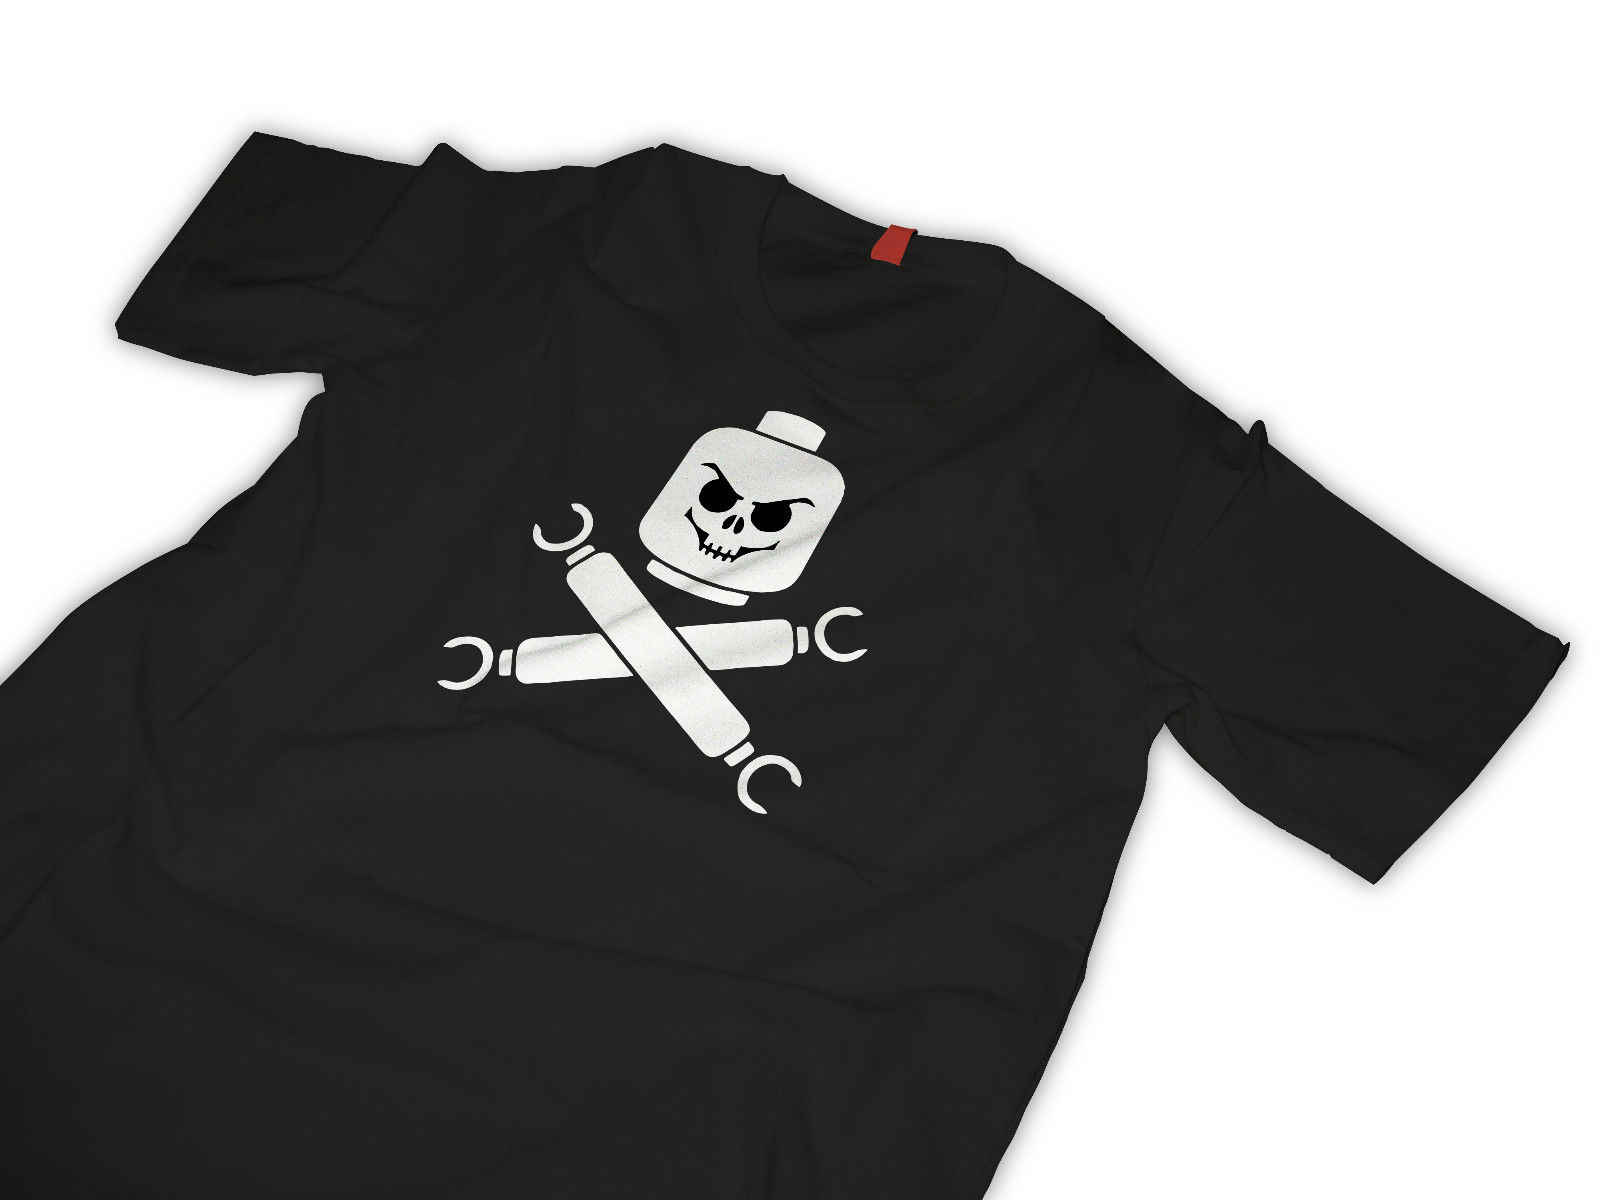 Футболка Lego пиратский череп и скрещенные кости крутая Повседневная футболка для мужчин унисекс новая модная футболка Бесплатная доставка Топы ajax